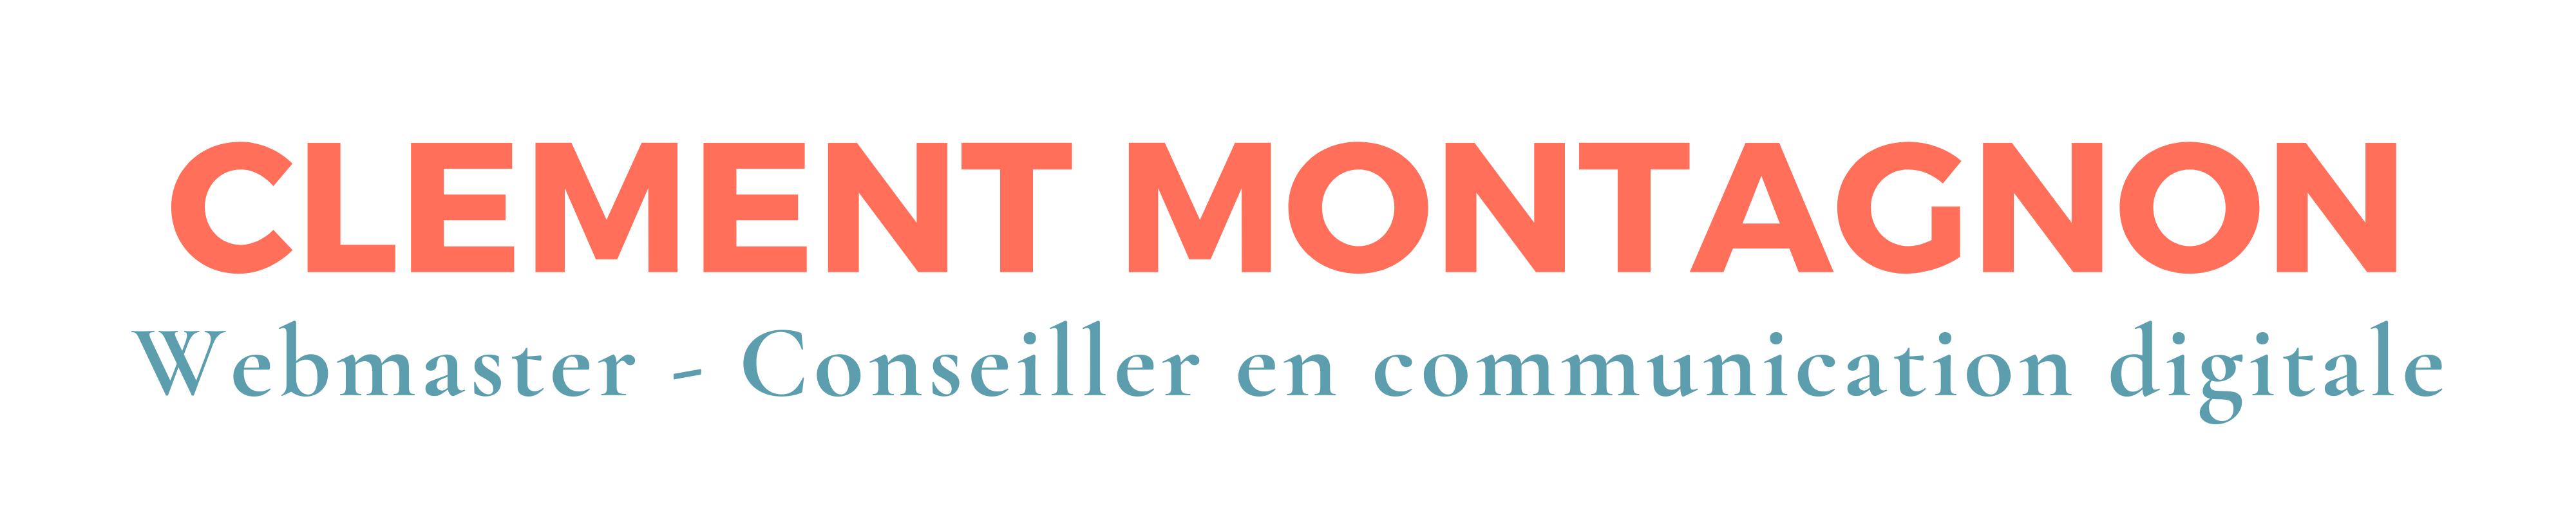 Clement Montagnon